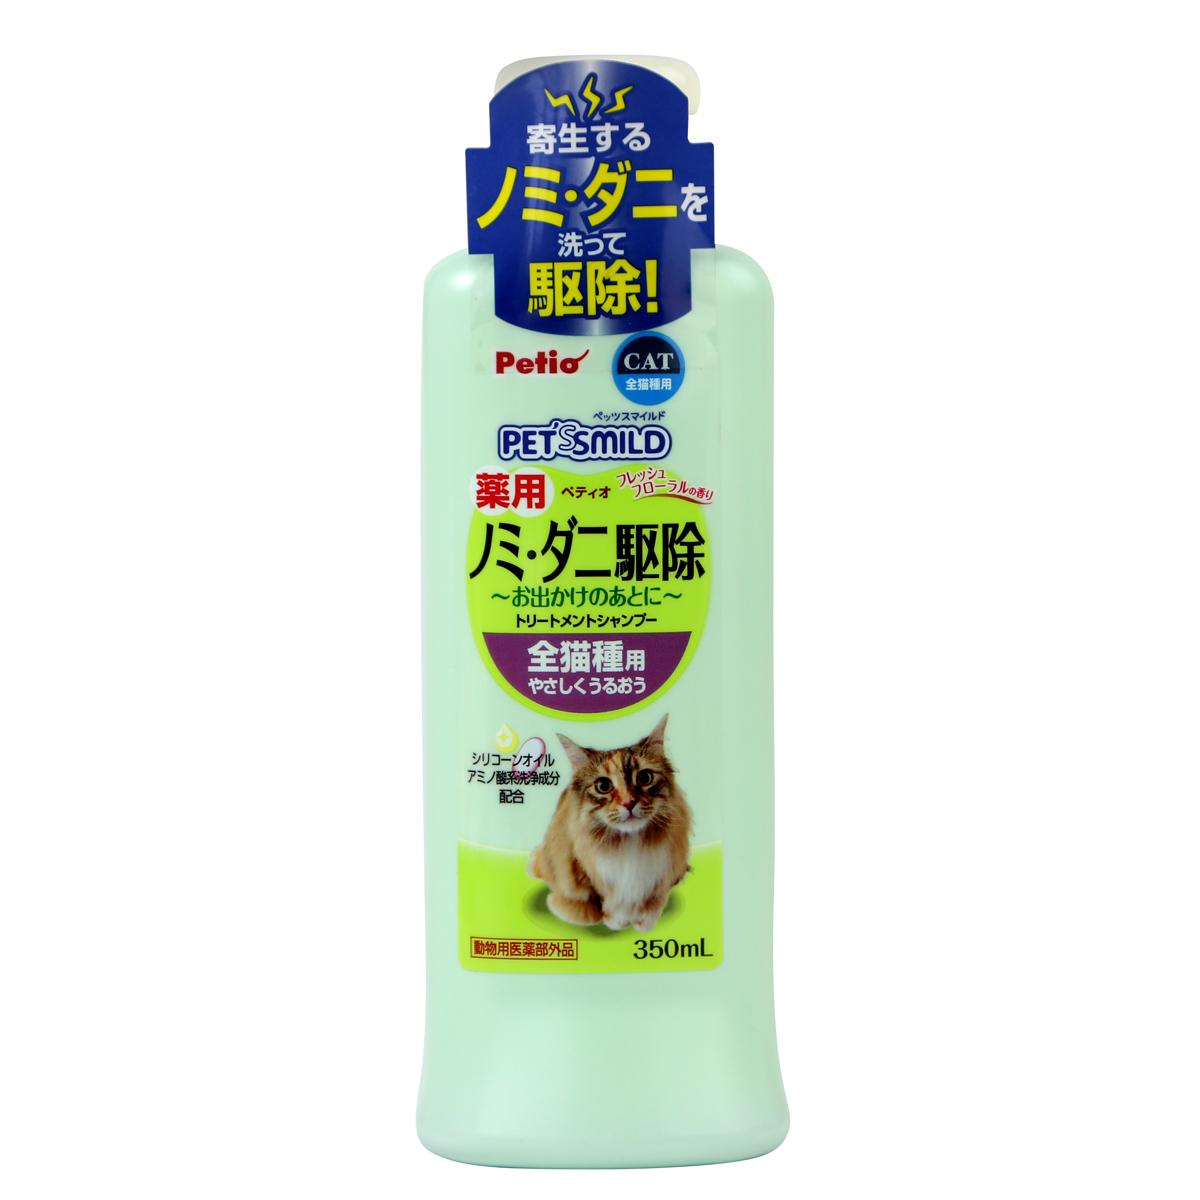 派地奧貓咪沐浴露洗發藥用除虱子跳蚤香波350ml寵物貓洗發露洗澡